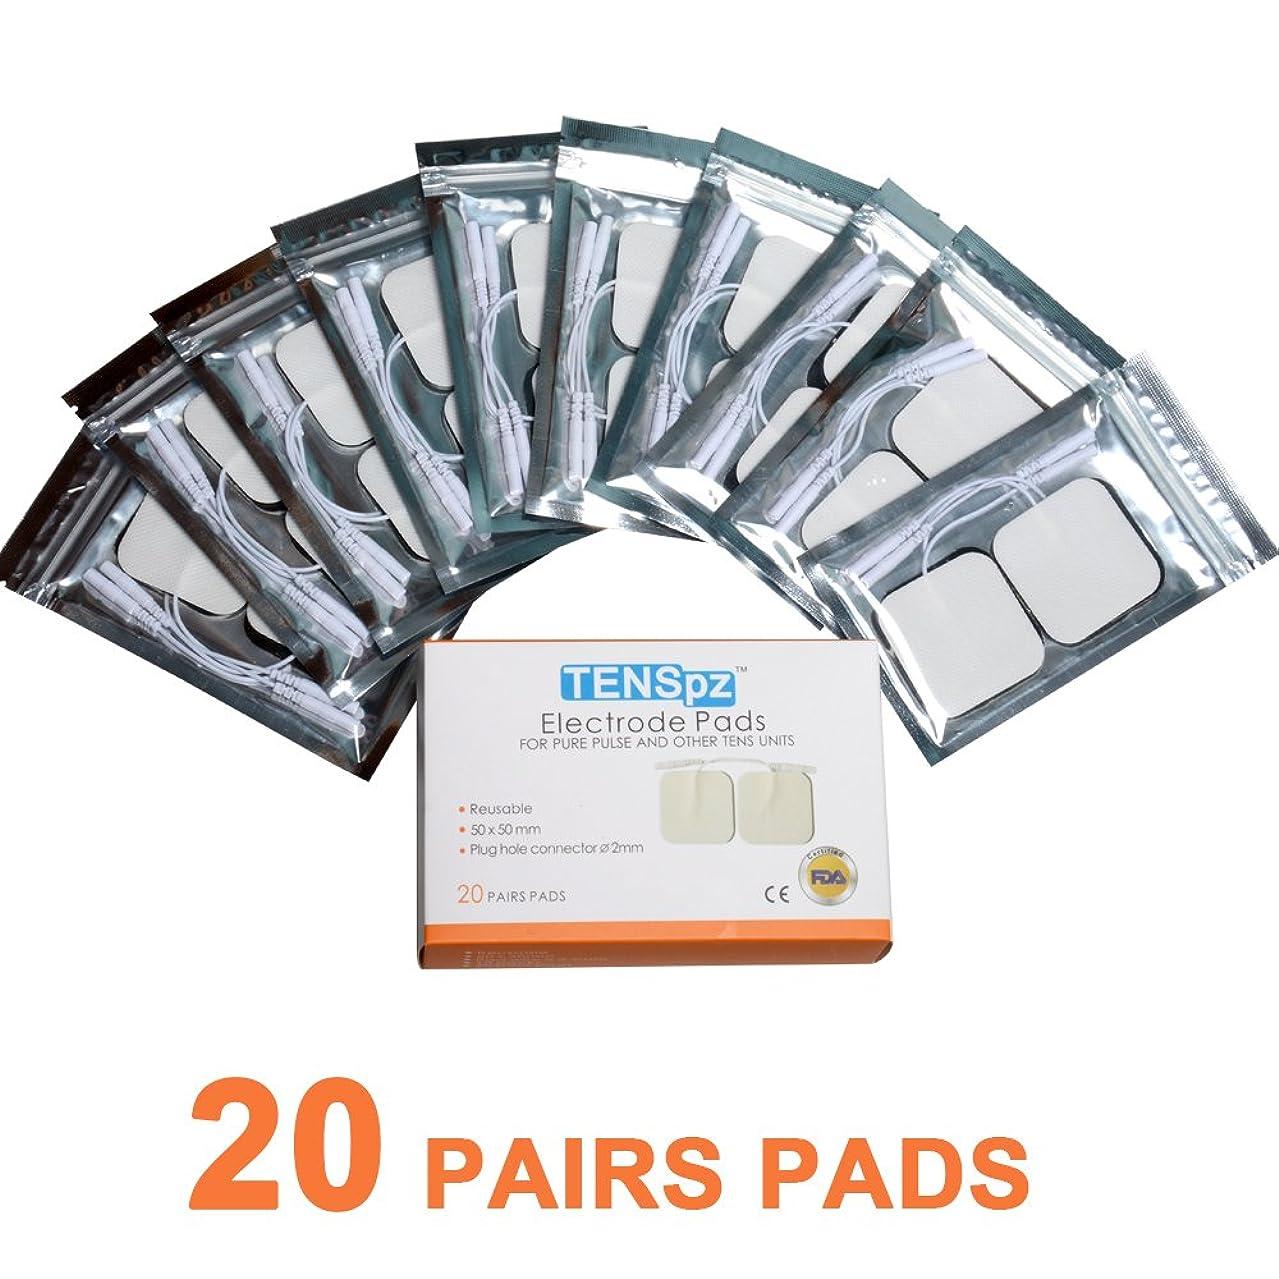 レースネックレス薬を飲むKonmed 粘着パッド 低周波用 5*5cm電極パッド ,10袋,4枚入り/袋